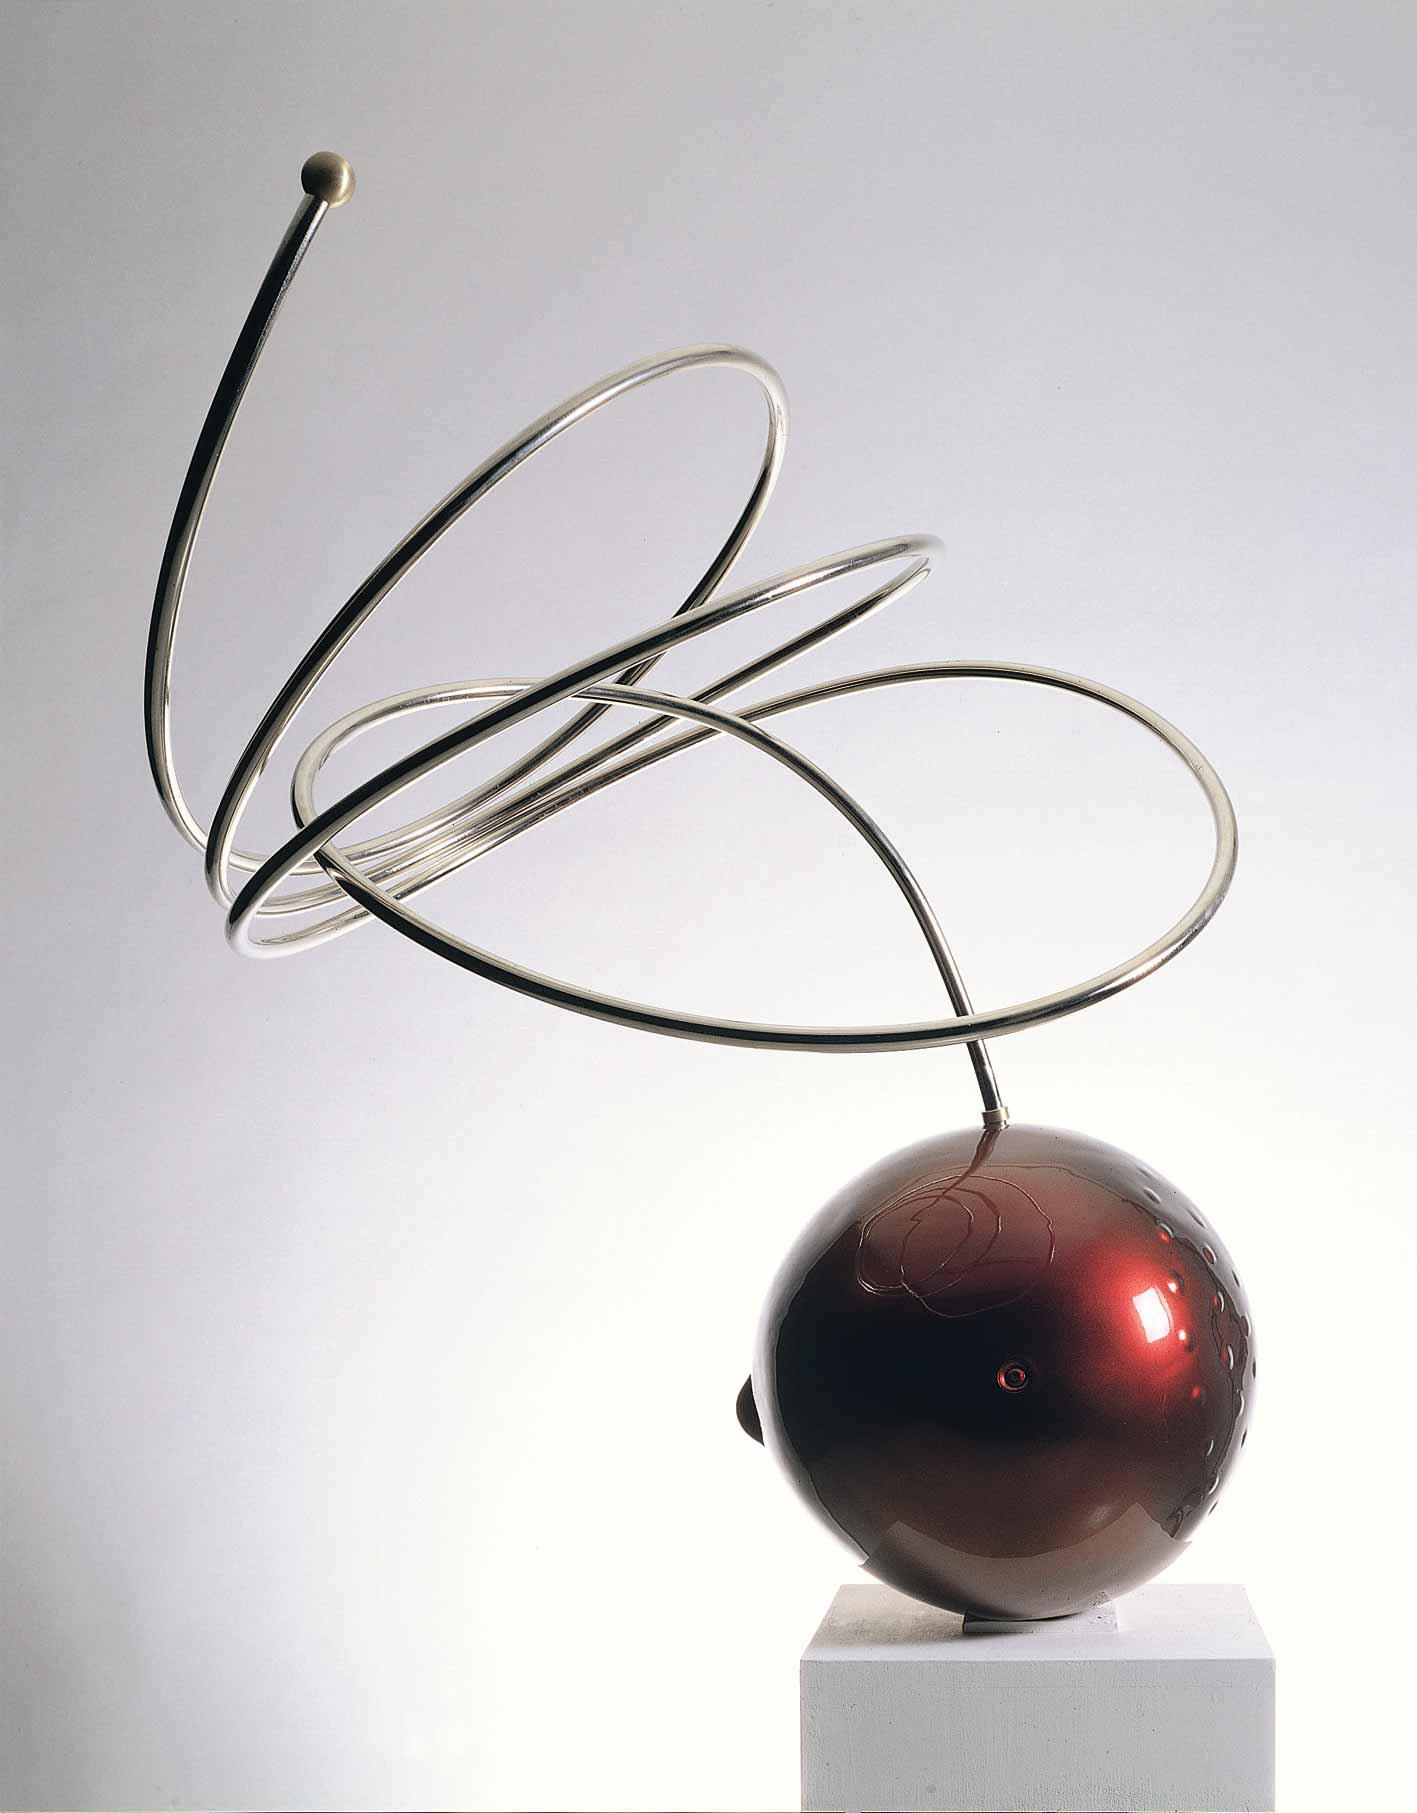 Michele Chiossi Lounge, 2001 vetroresina, Chromalusion, ottone cromato scultura ciliegia transgenica Natura Morta satellitare cangiante mutevole